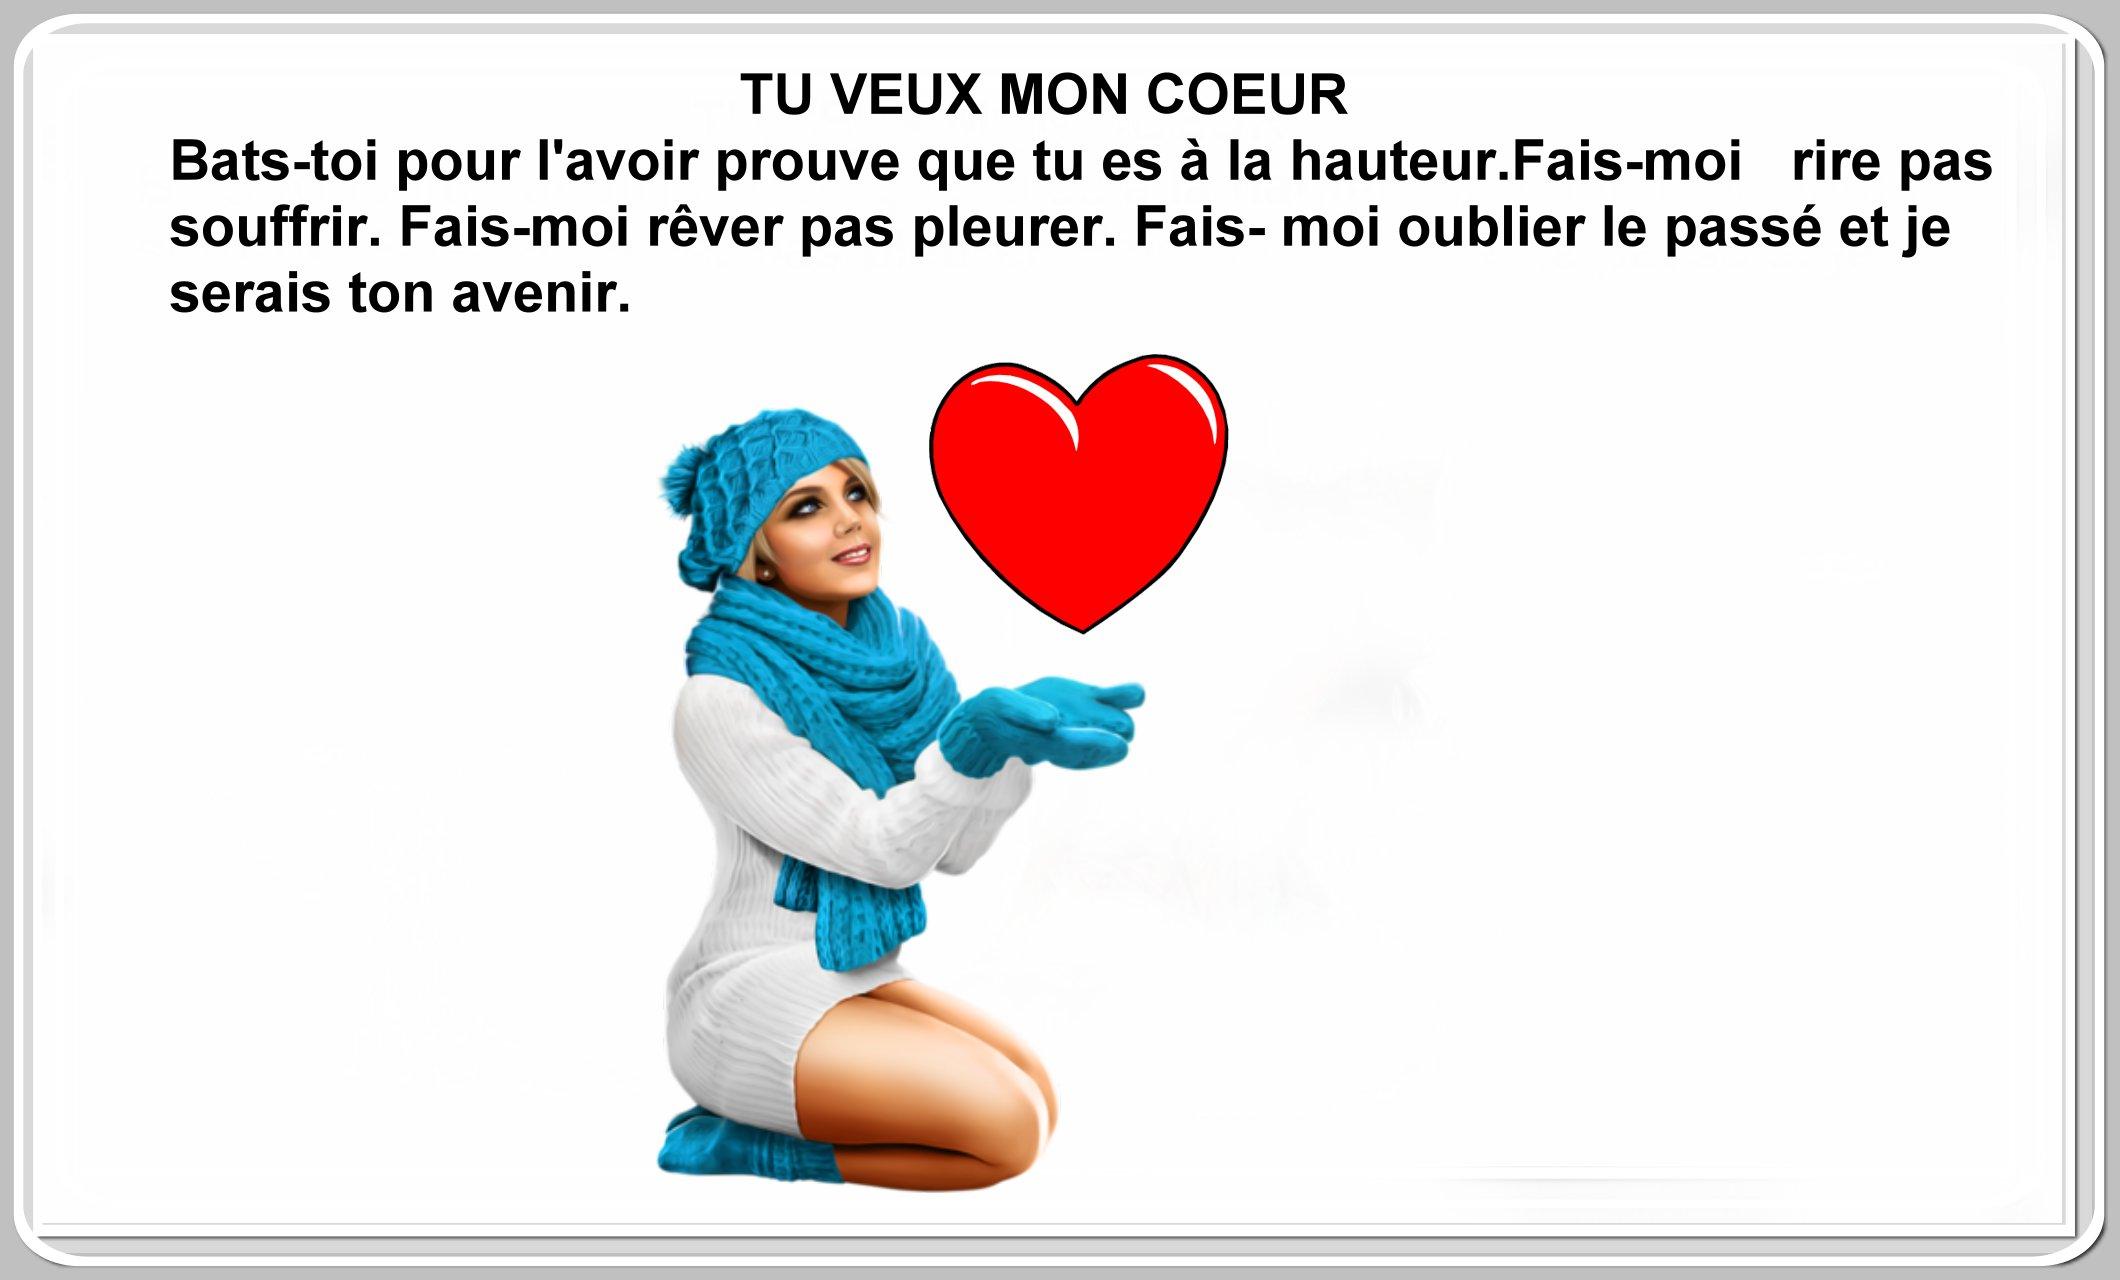 coeur femme - Photos Humour